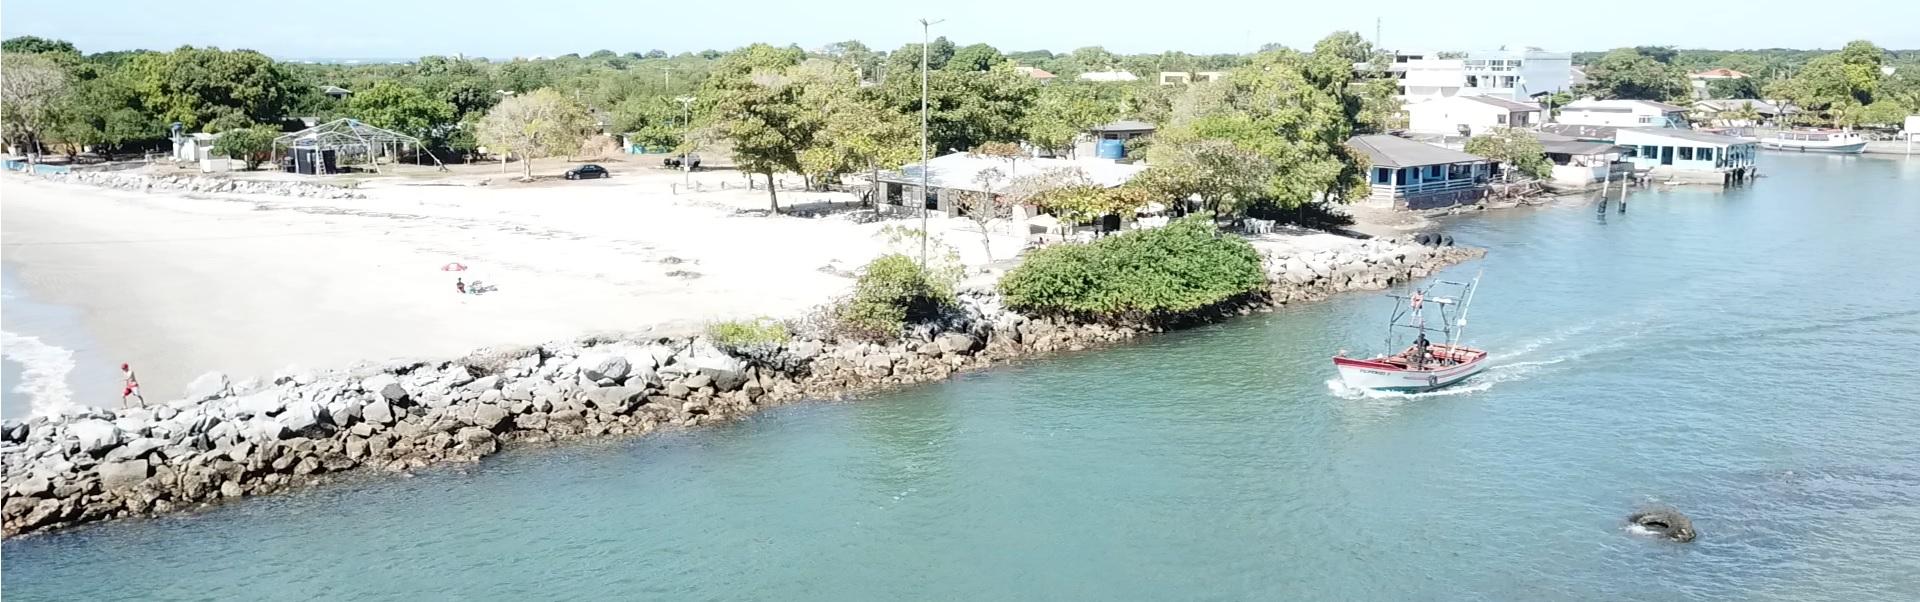 Pontal do Sul